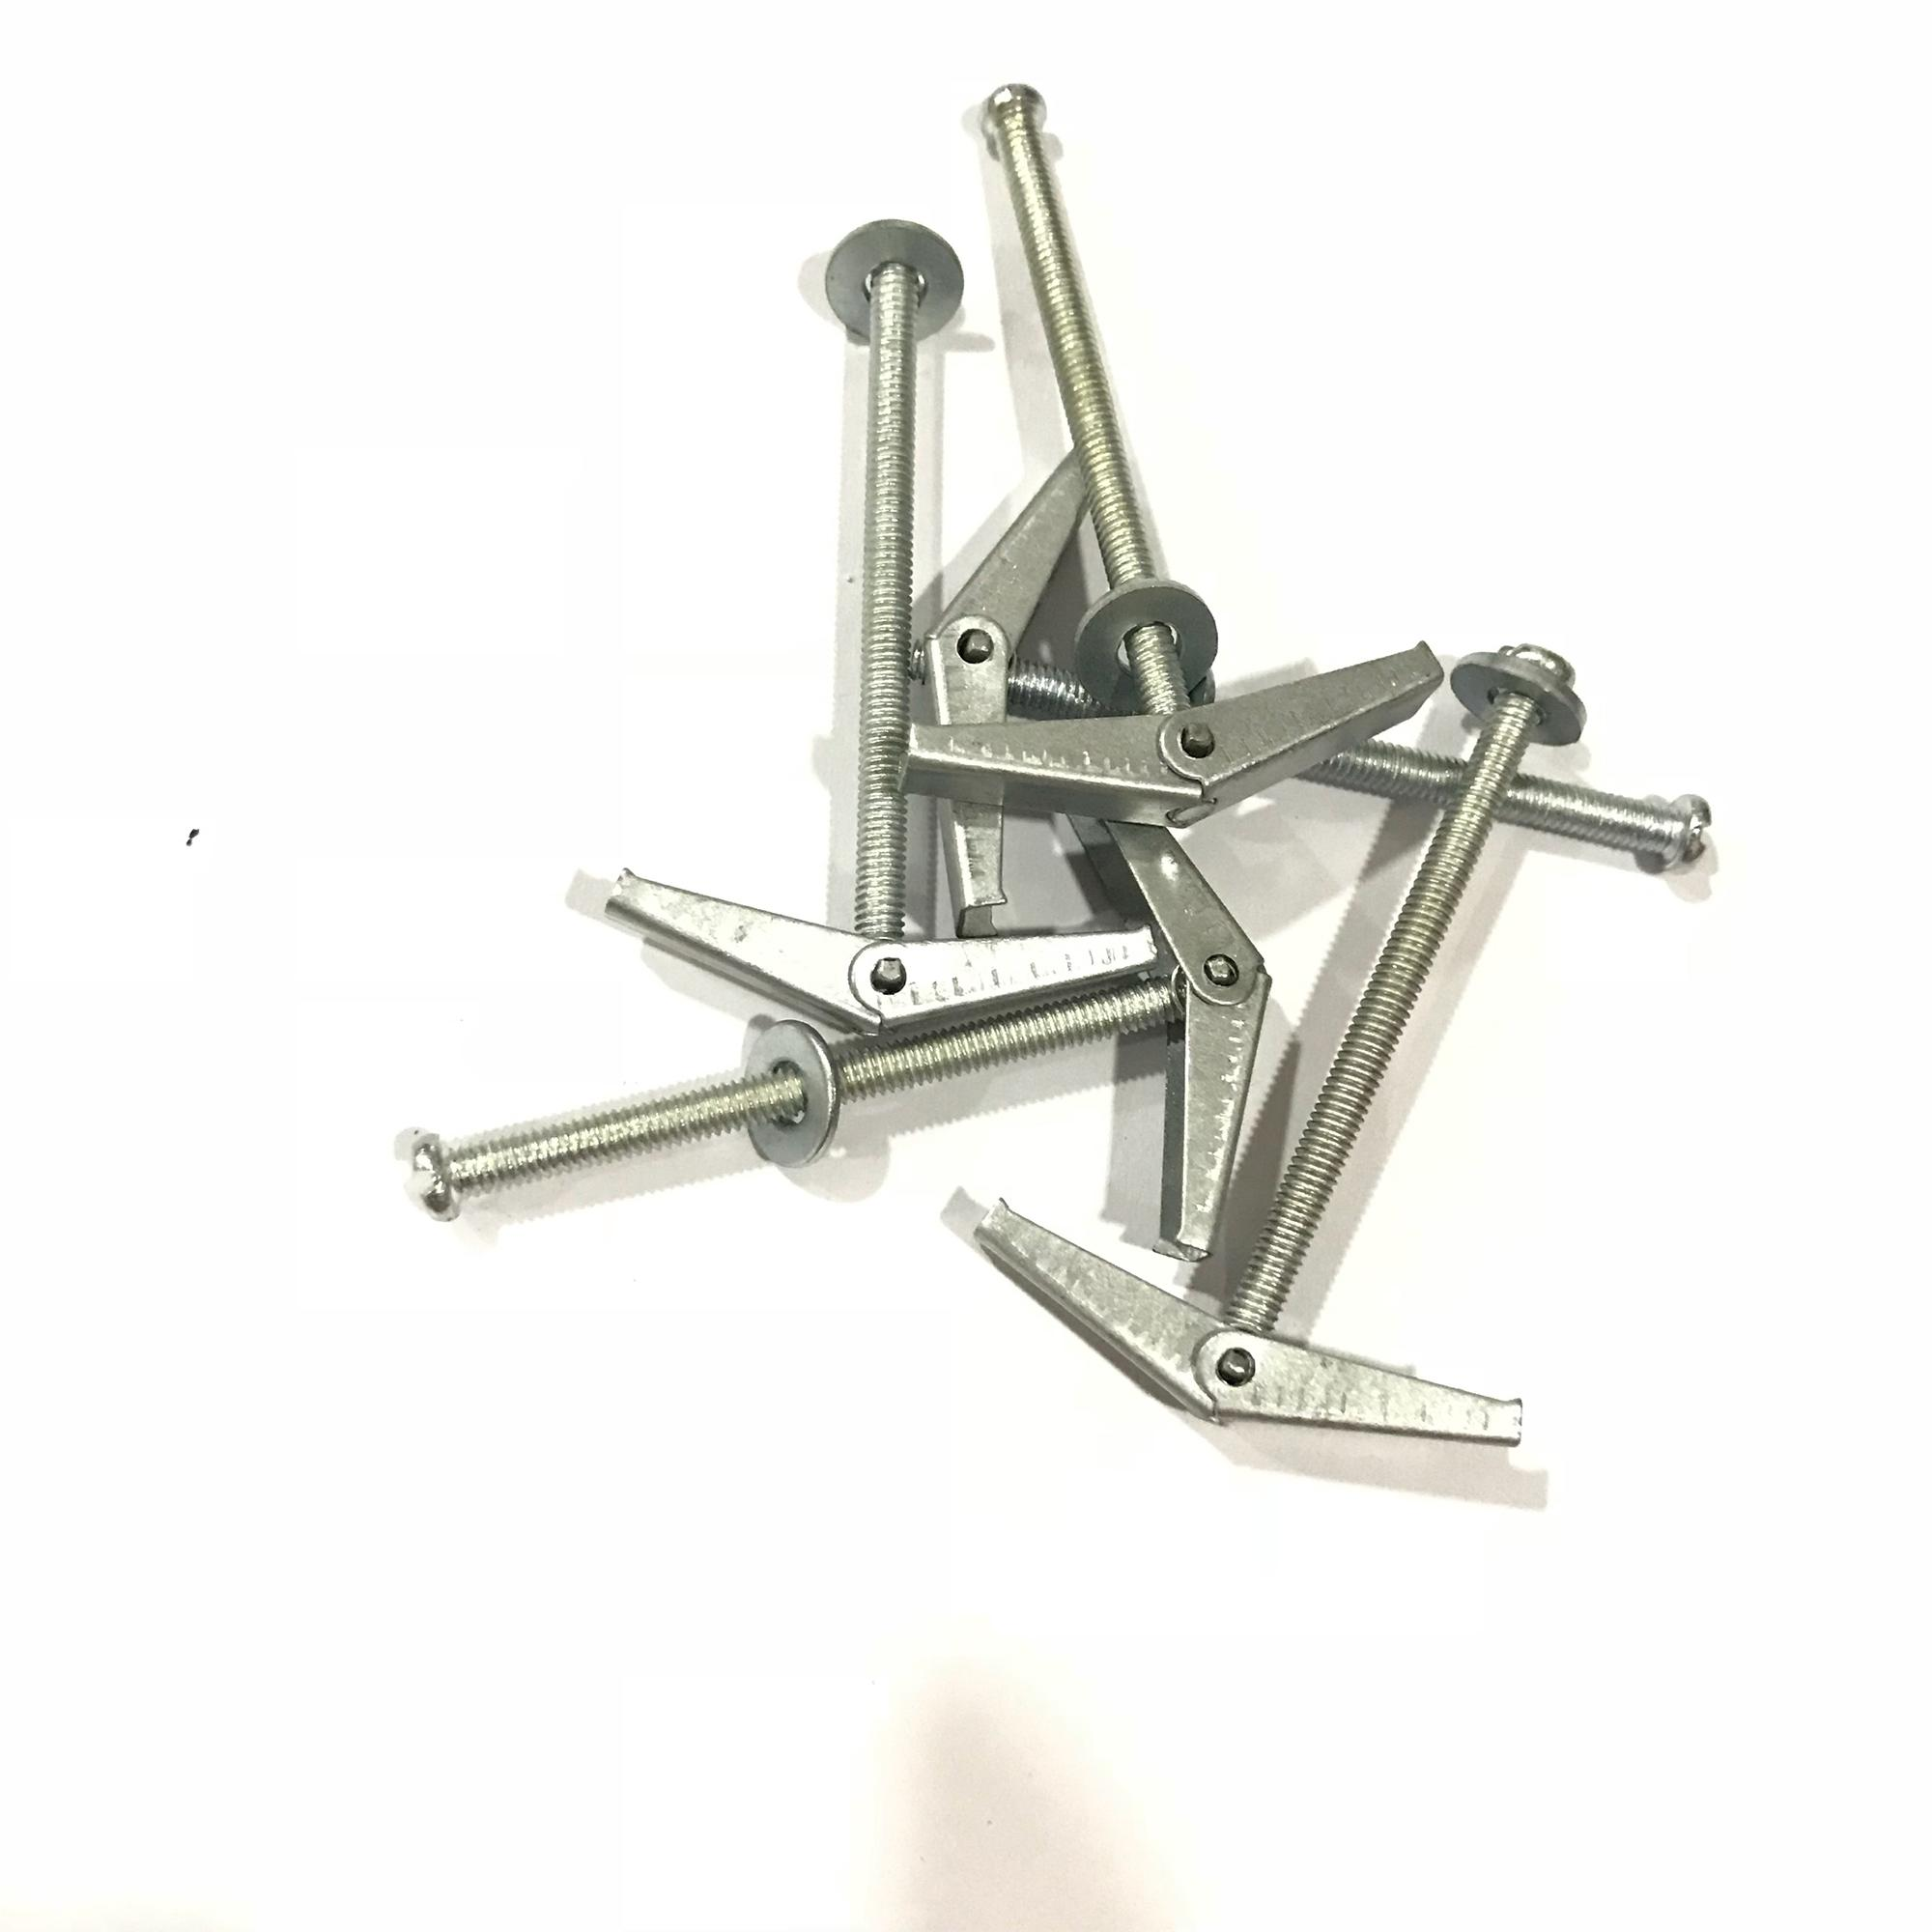 Hình ảnh 20 Con Tắc kê sắt ( nở sắt) dài 7cm